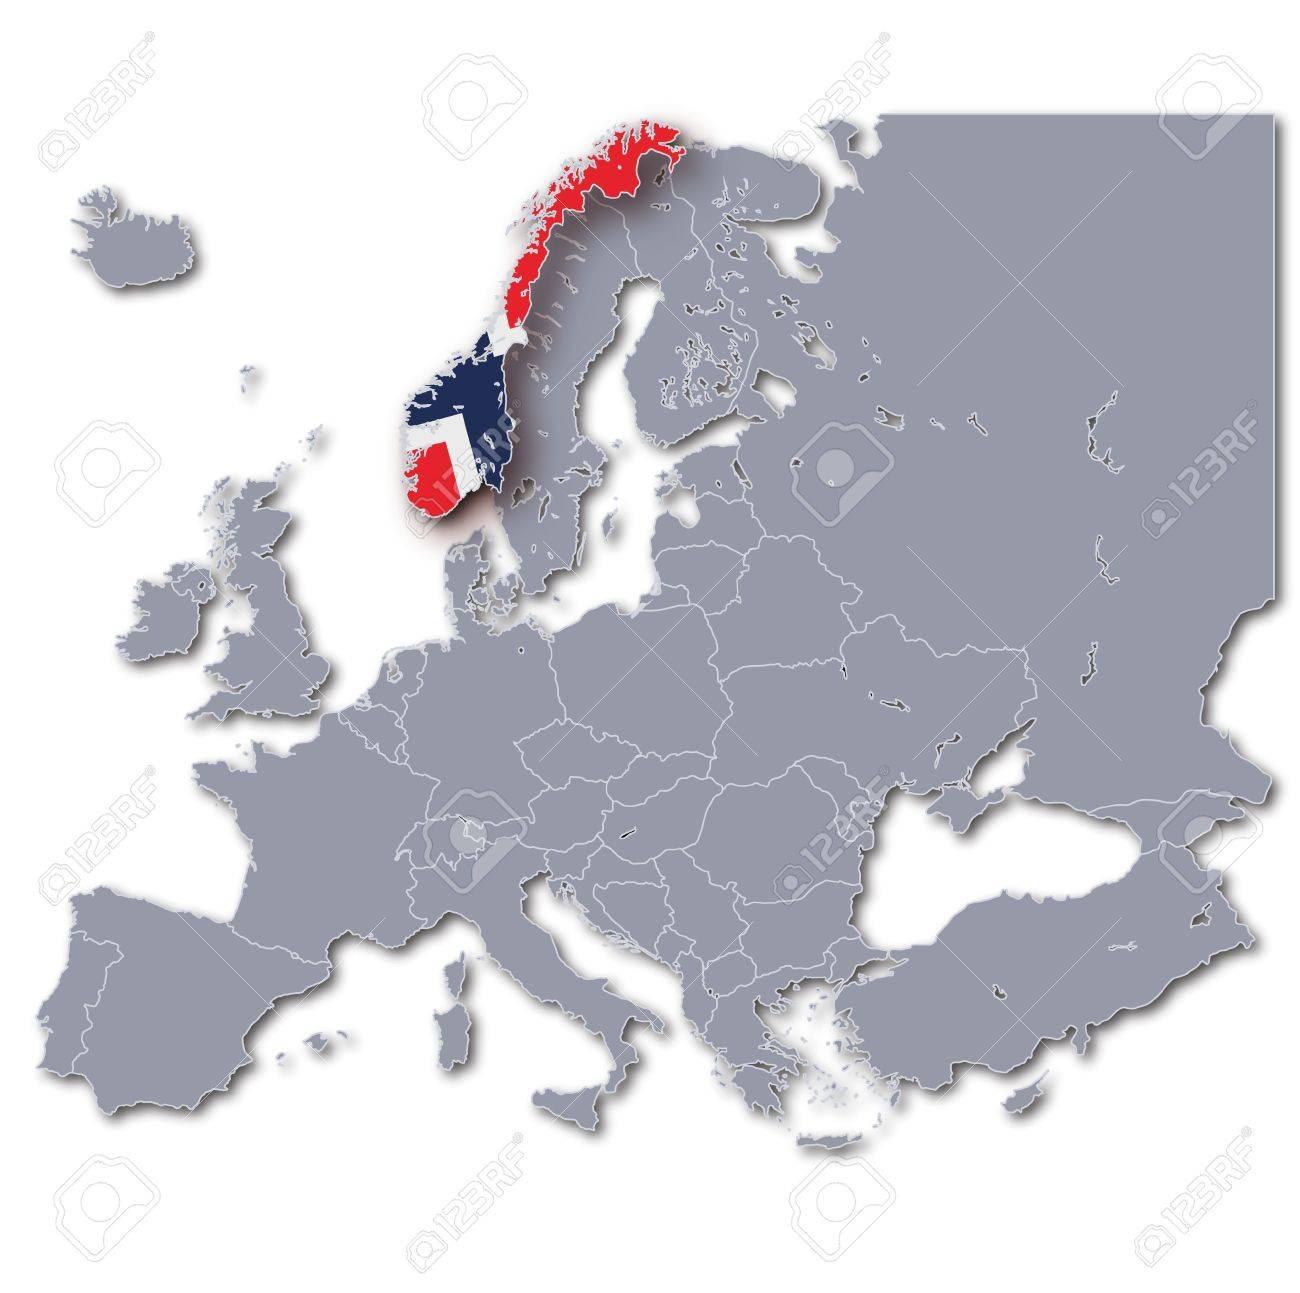 Carte Europe Norvege.Carte De L Europe En Norvege